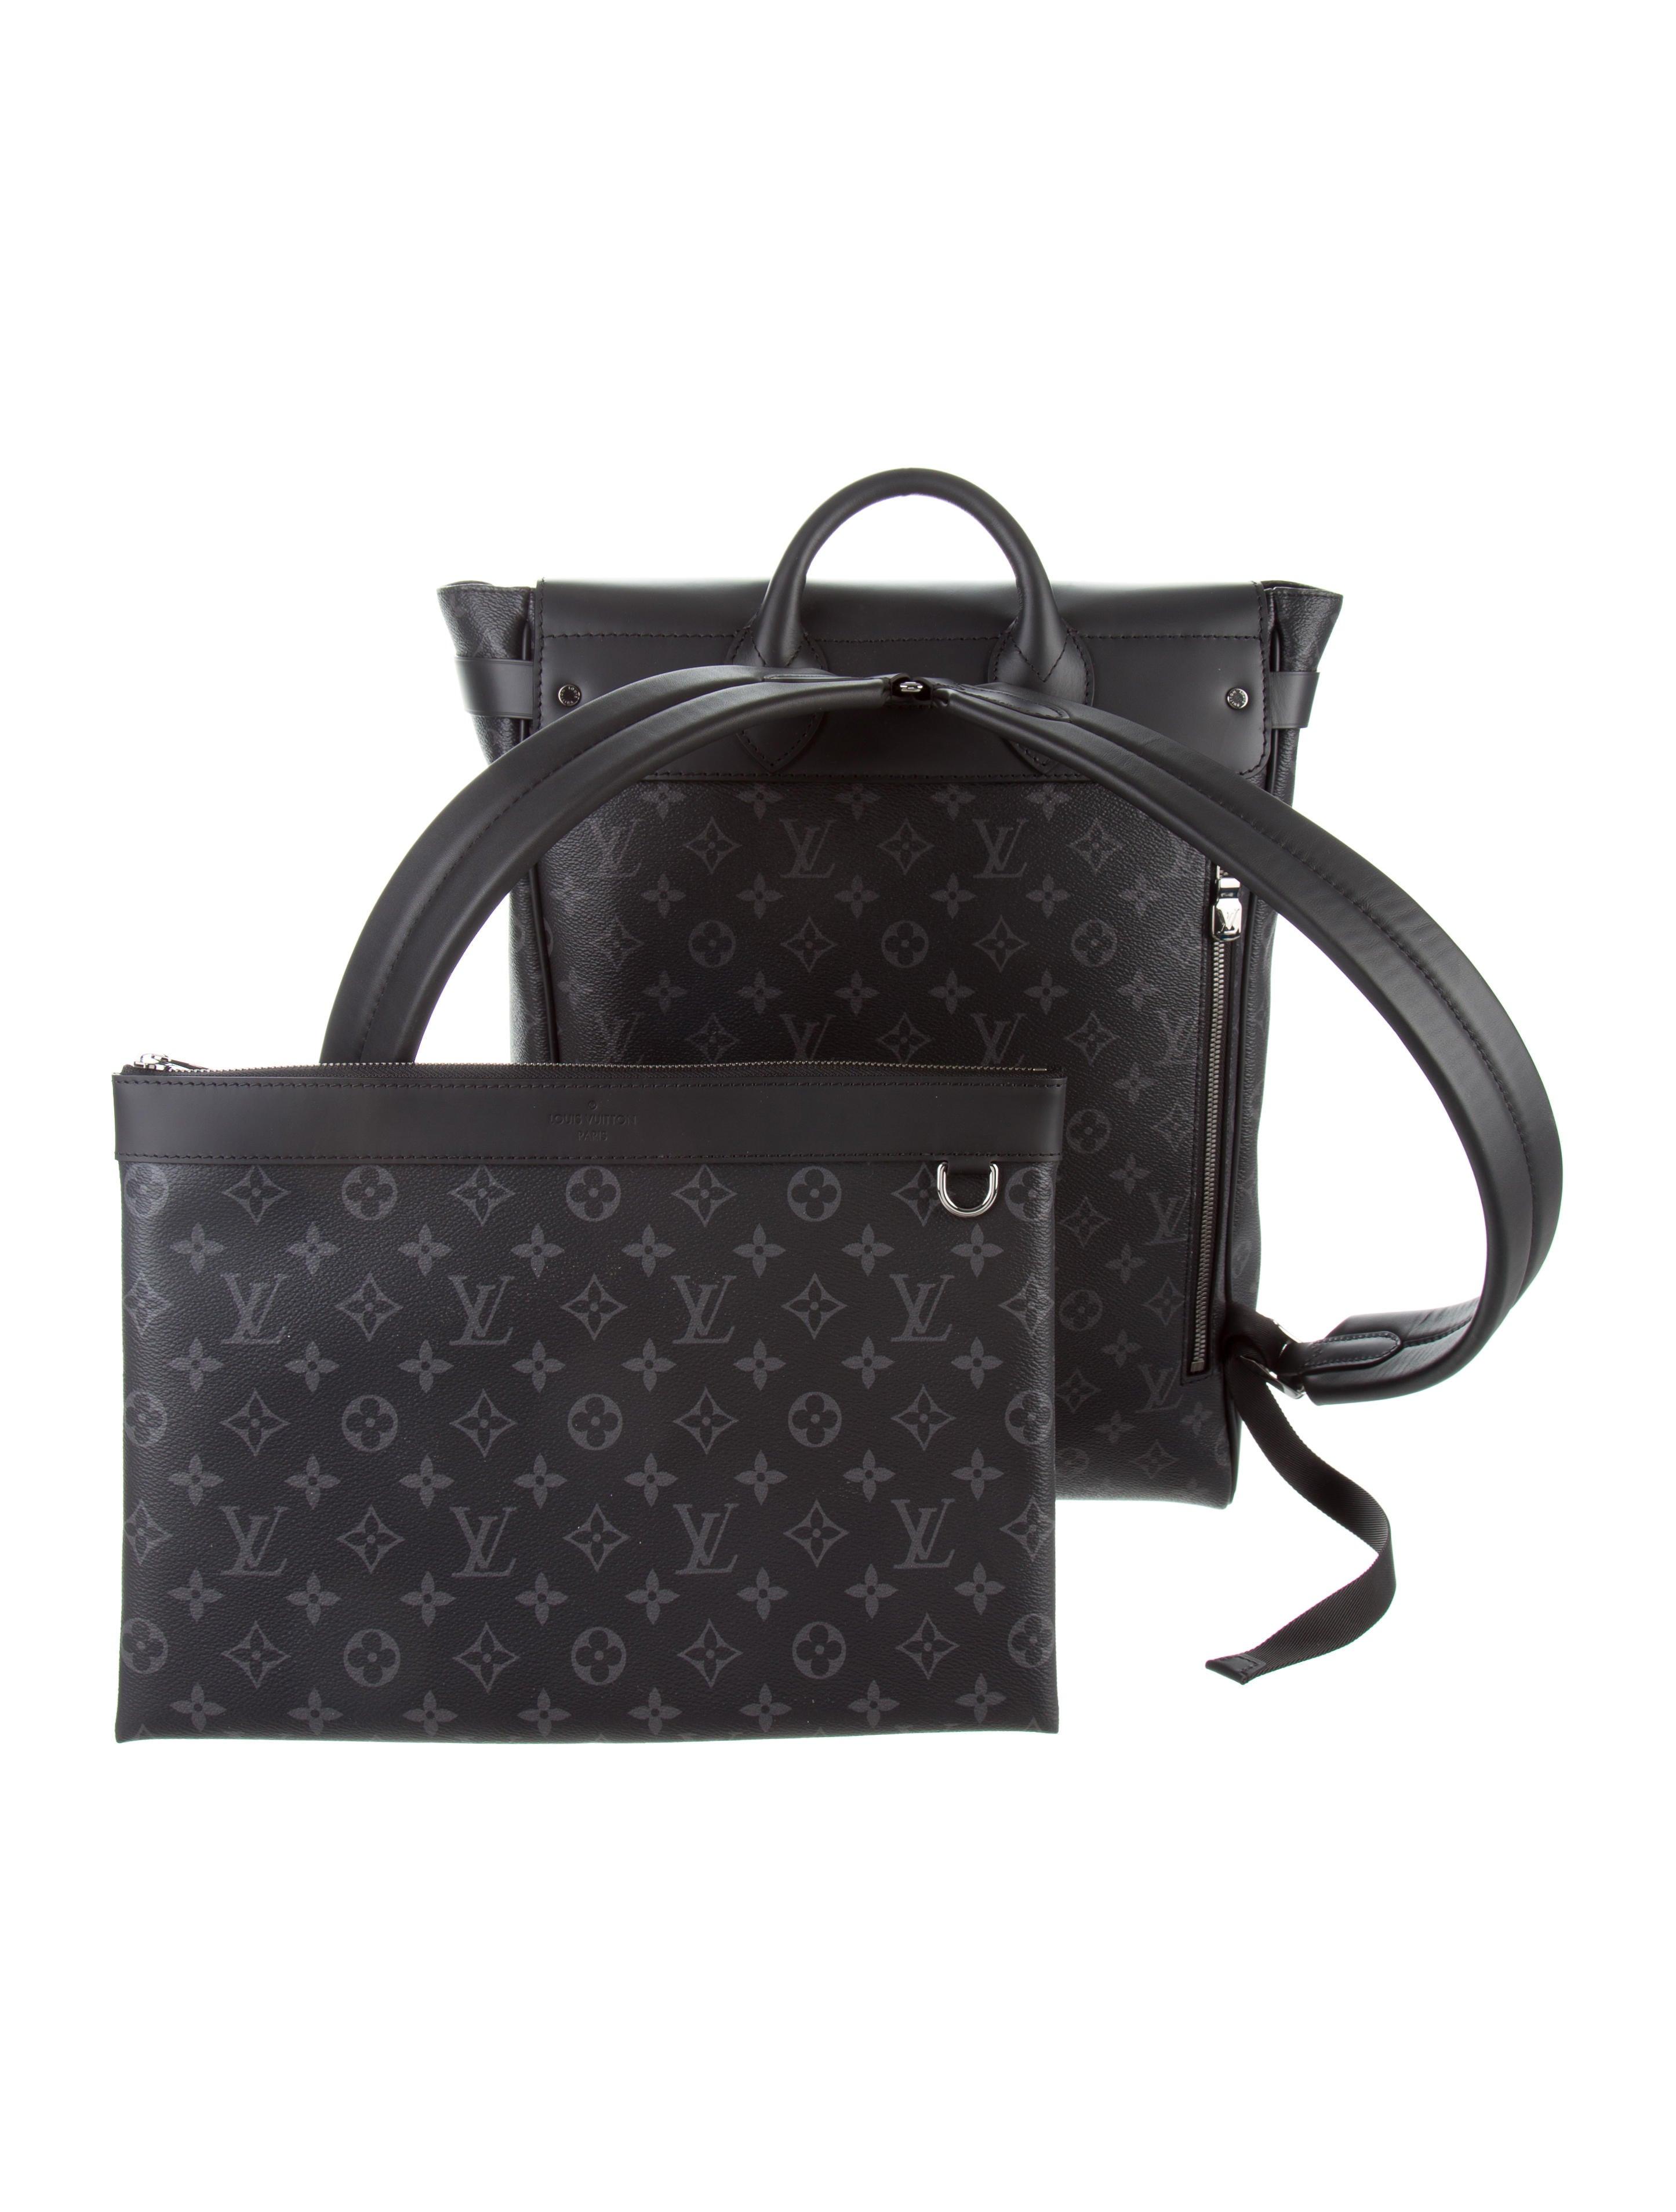 2c2167d3164 Louis Vuitton Apollo Backpack Monogram Eclipse Gray black